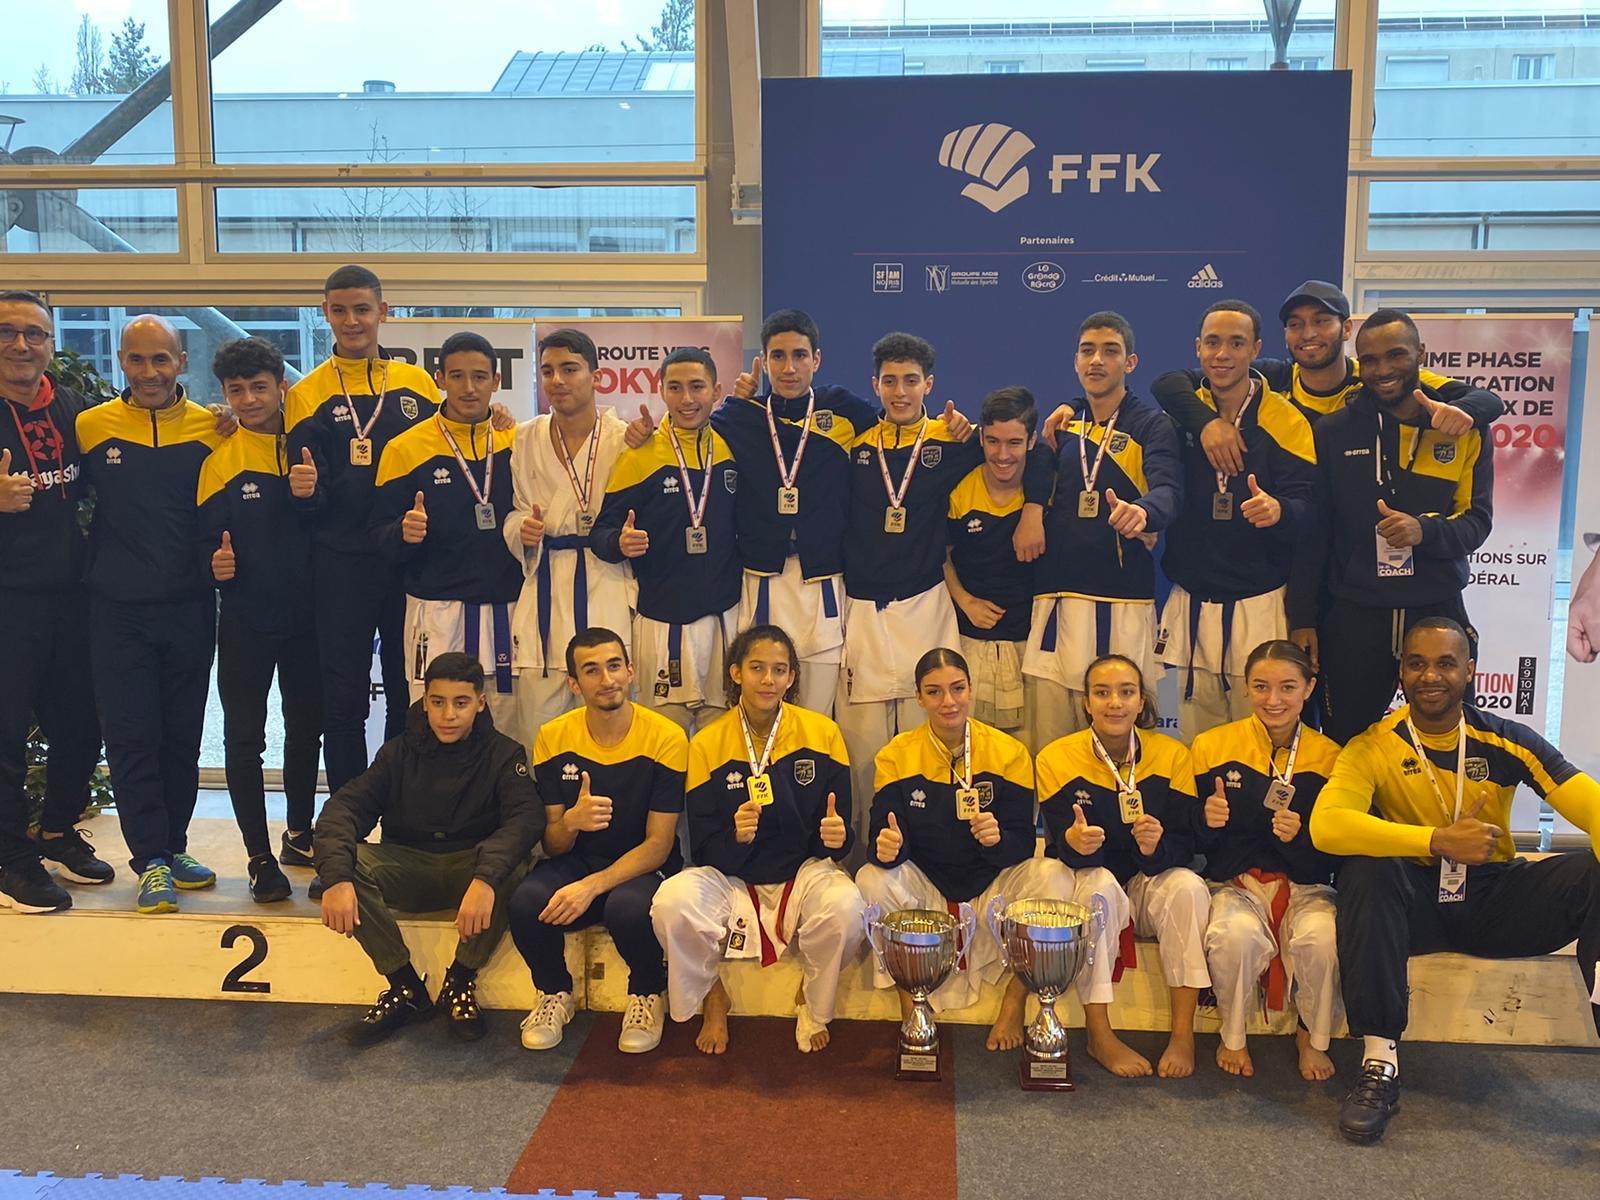 Coupe Junior 2019 - 27